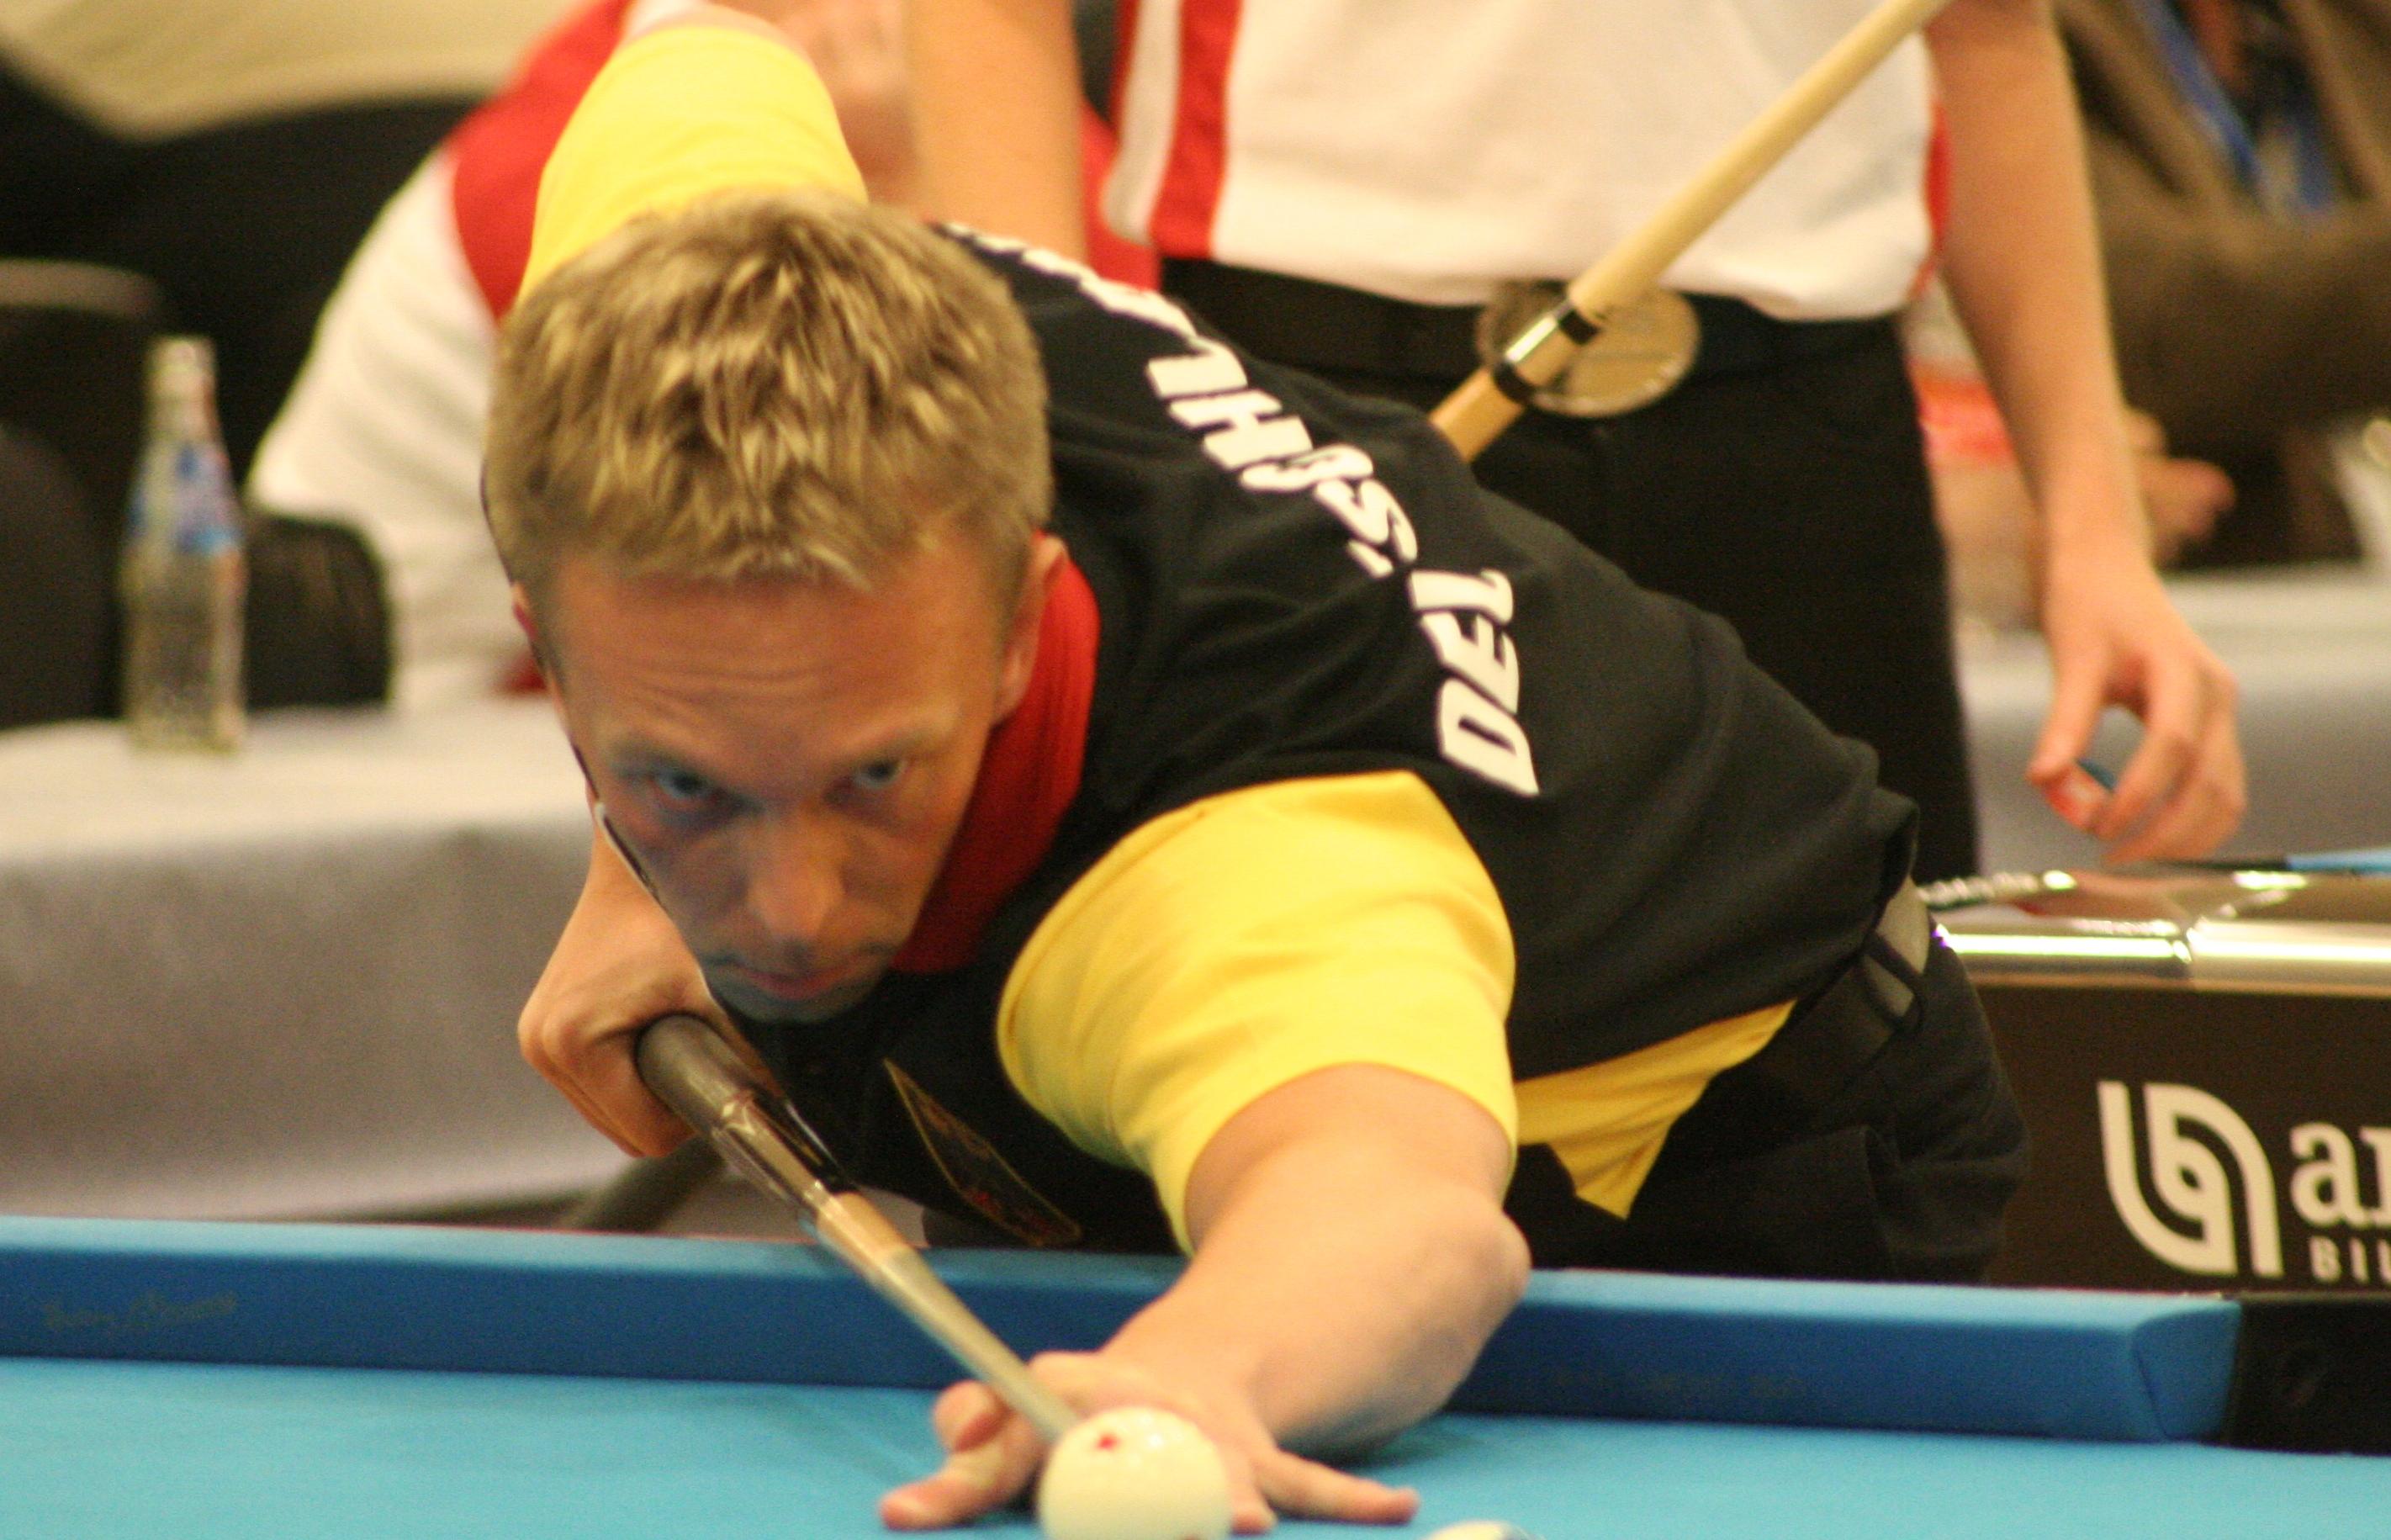 Thorsten Hohmann FileThorsten HohmannJPG Wikimedia Commons